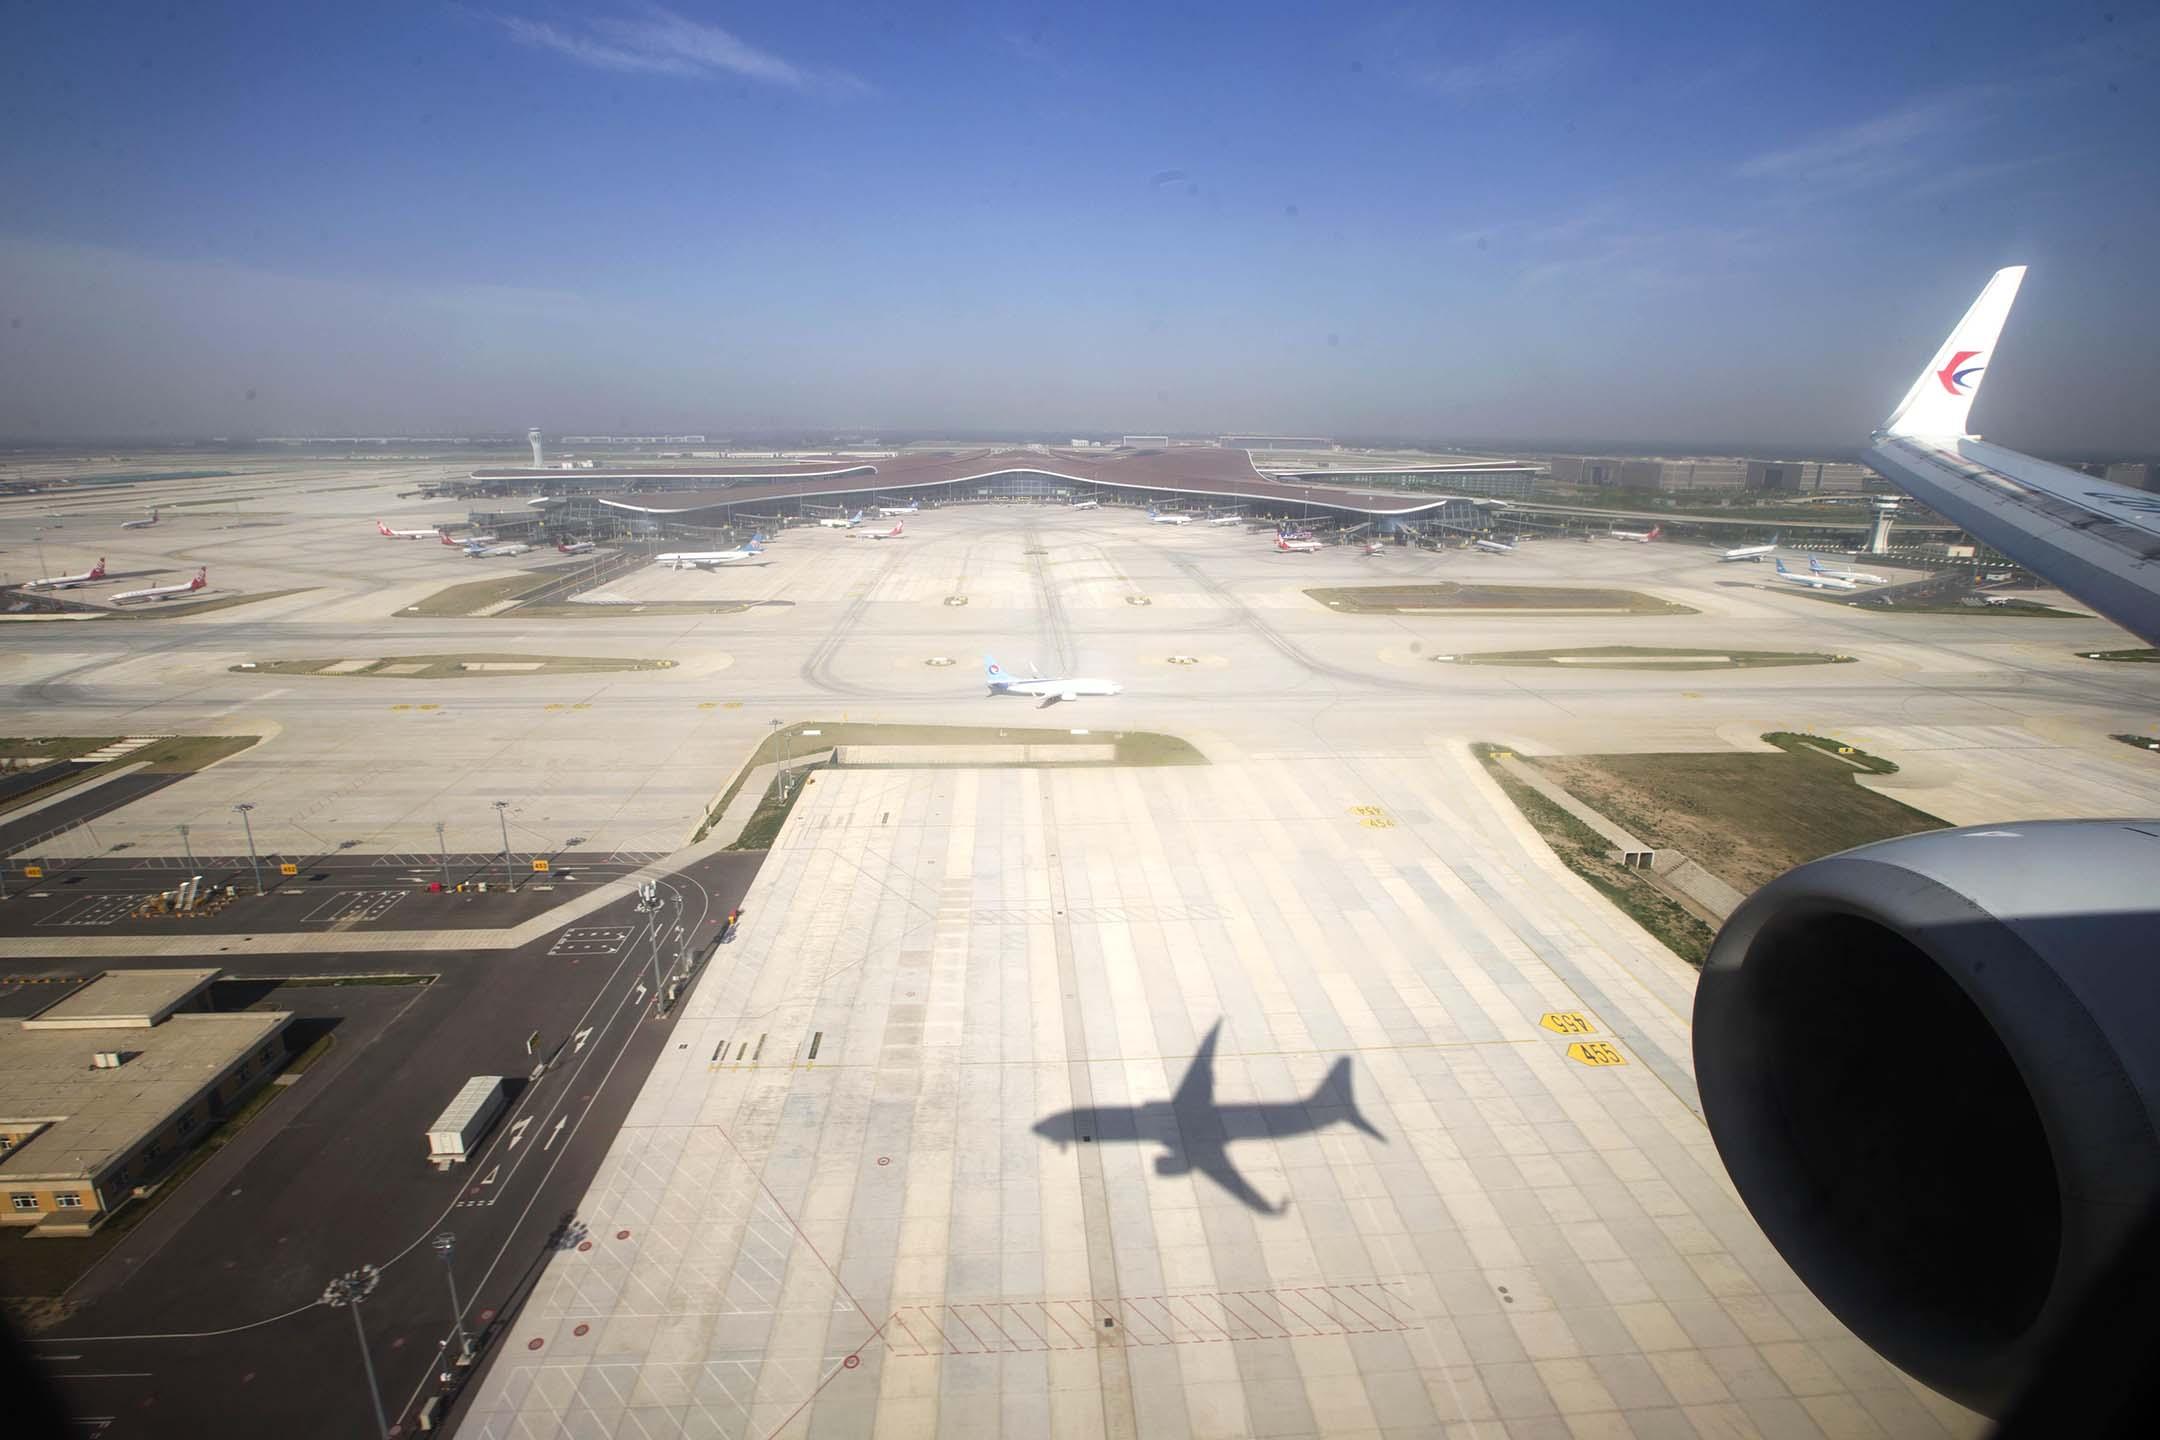 2020年6月1日中國北京,中國東方航空公司的一架飛機降落在北京大興國際機場。